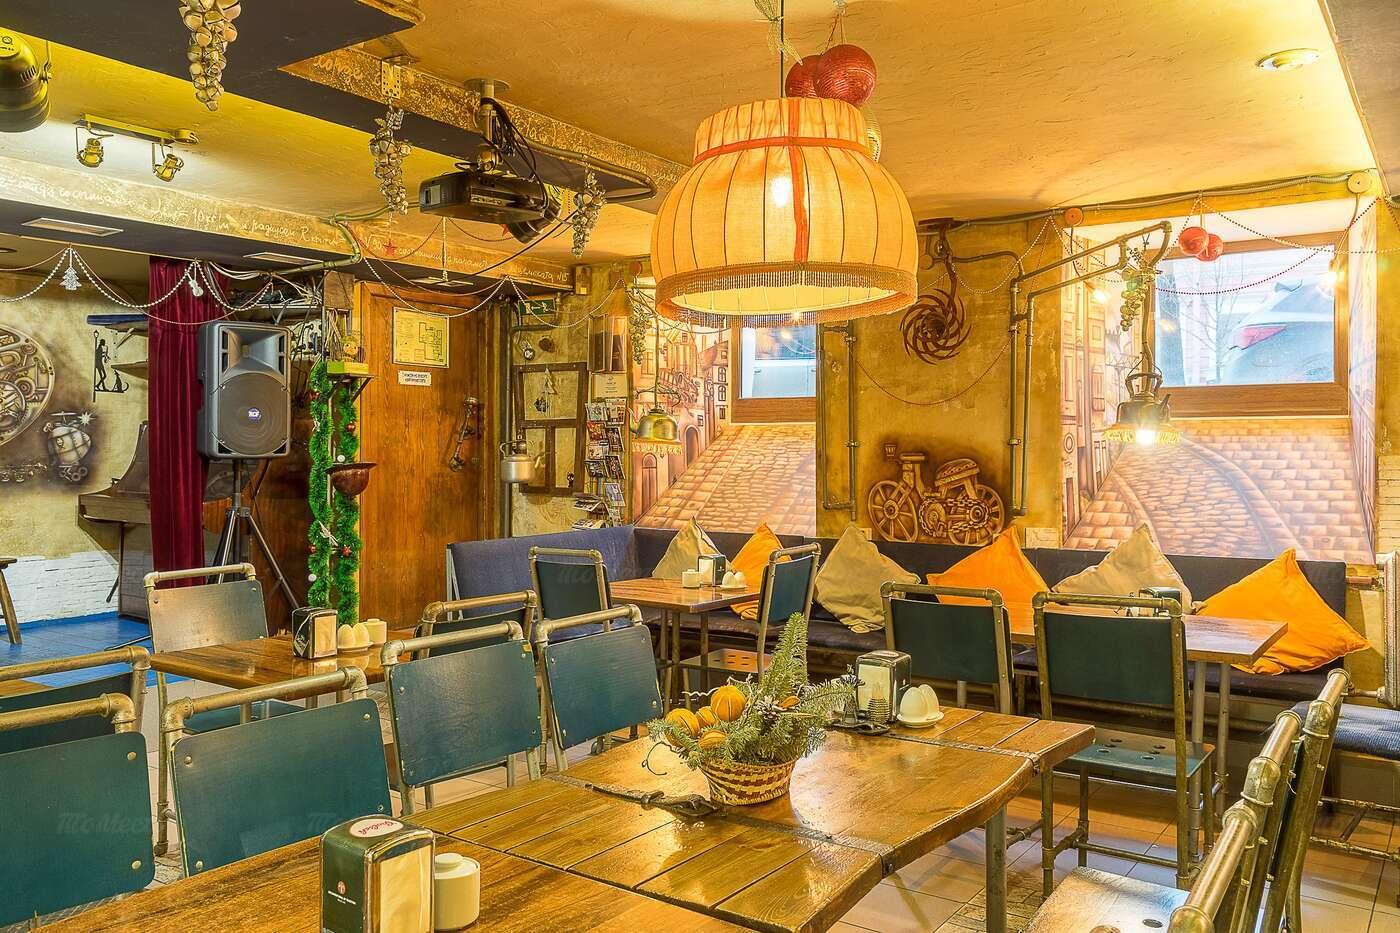 Кафе Заводные яйца на Фурштатской улице фото 6